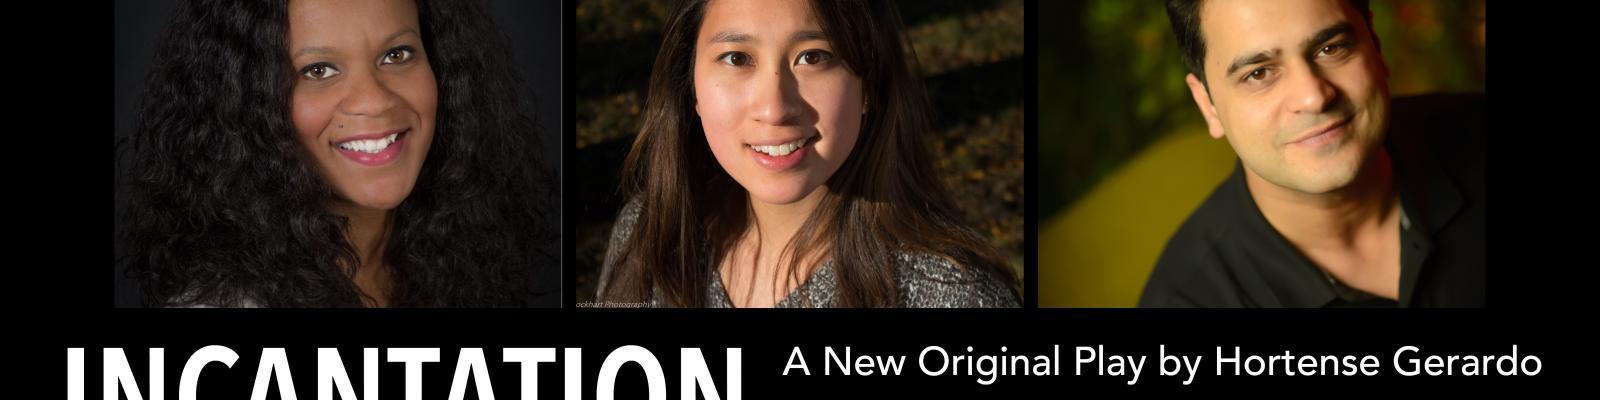 Incantation - Original Play by Hortense Gerardo